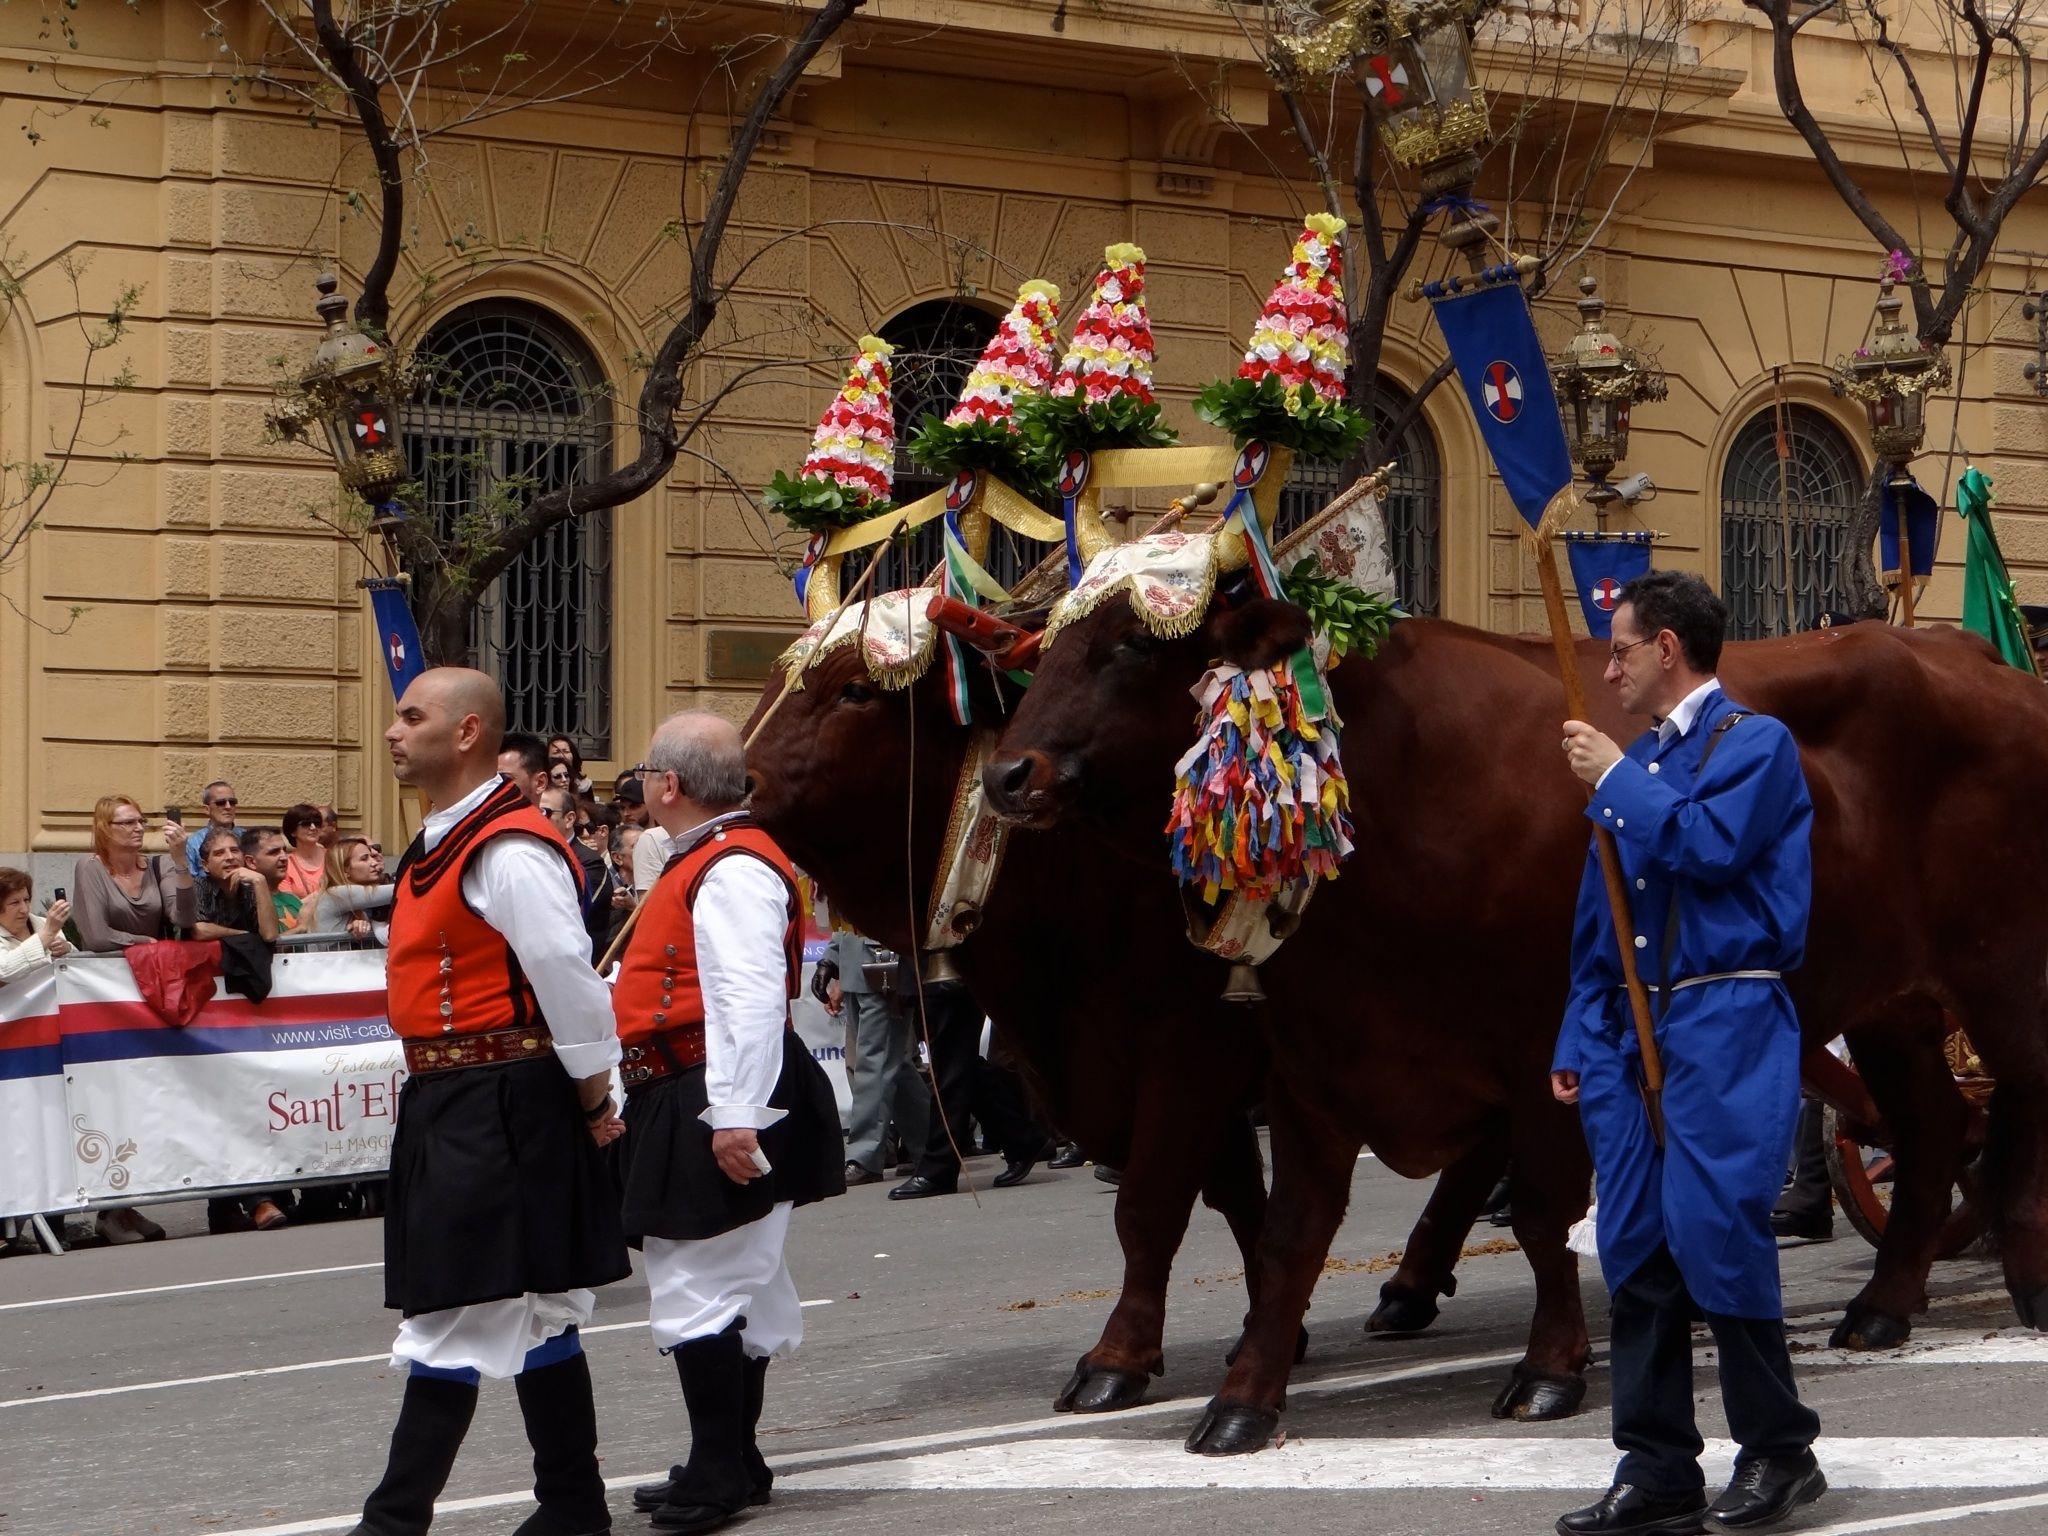 Festa di sant'Efisio, May 2013, Cagliari. By Giovanni Pisu.